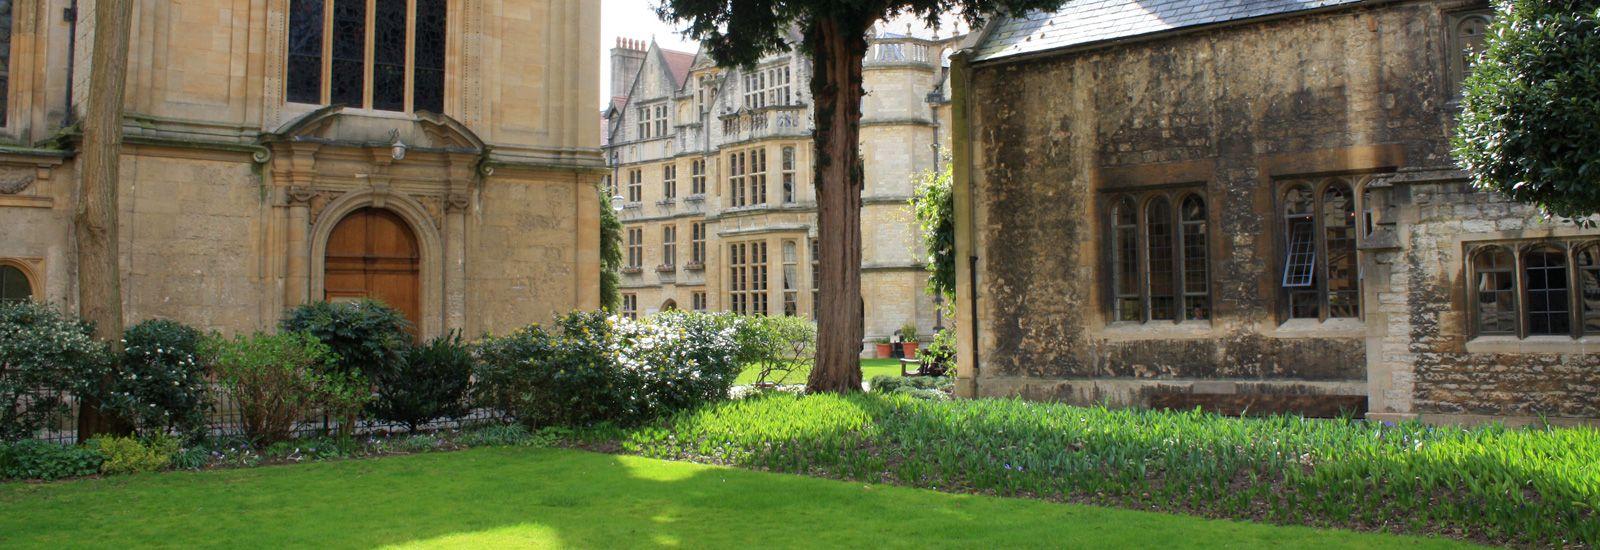 Quads in Brasenose College